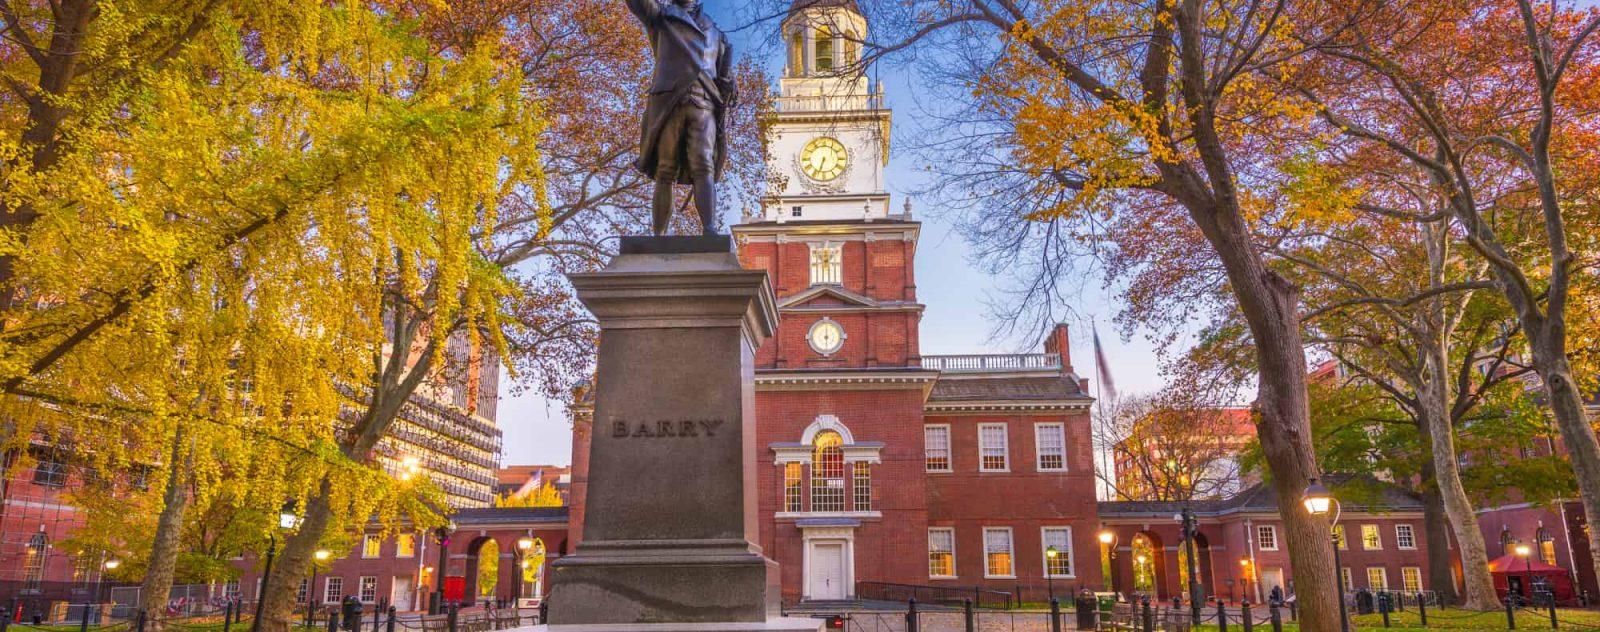 monument philadelphia